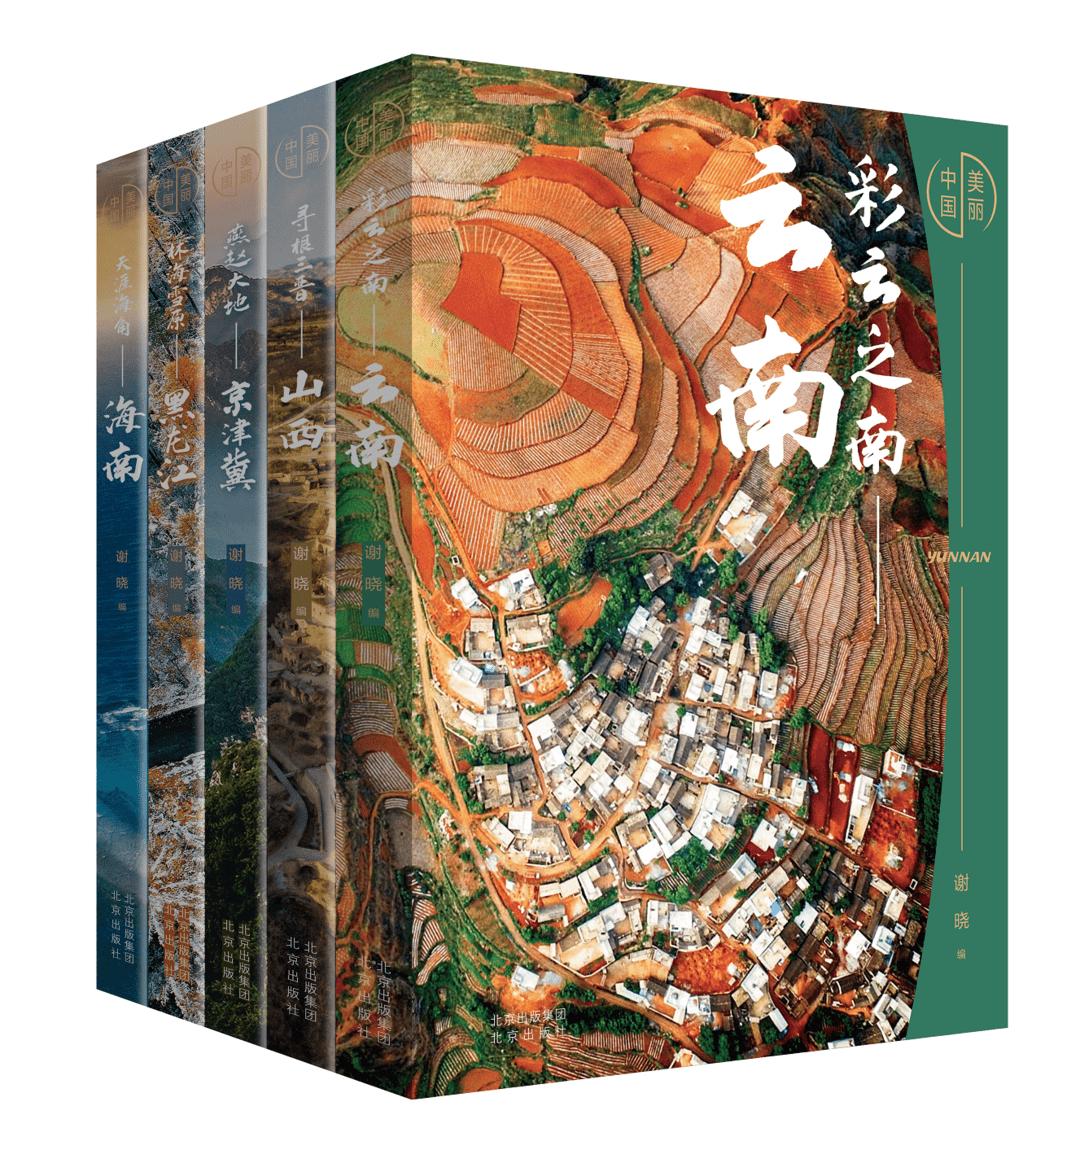 新书上架丨《美丽中国》系列图书:感受多面且独特的瞬间美插图